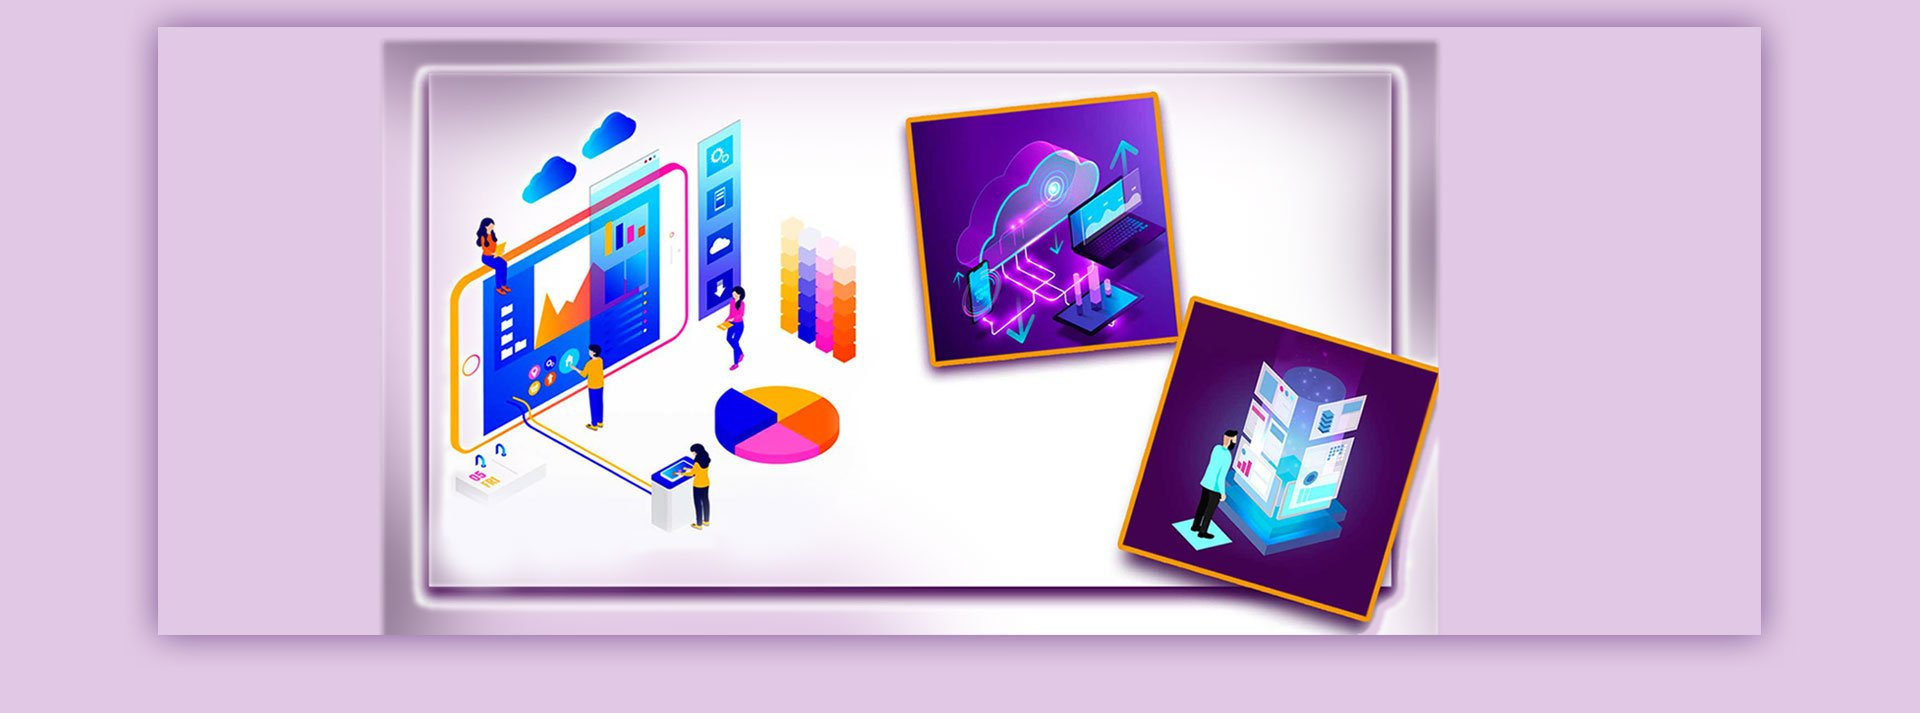 infographic 12 1 3 - نحوه استفاده از پوسترها، اینفوگرافیک ها،کلاژها و فتومونتاژ در کسب و کارتان